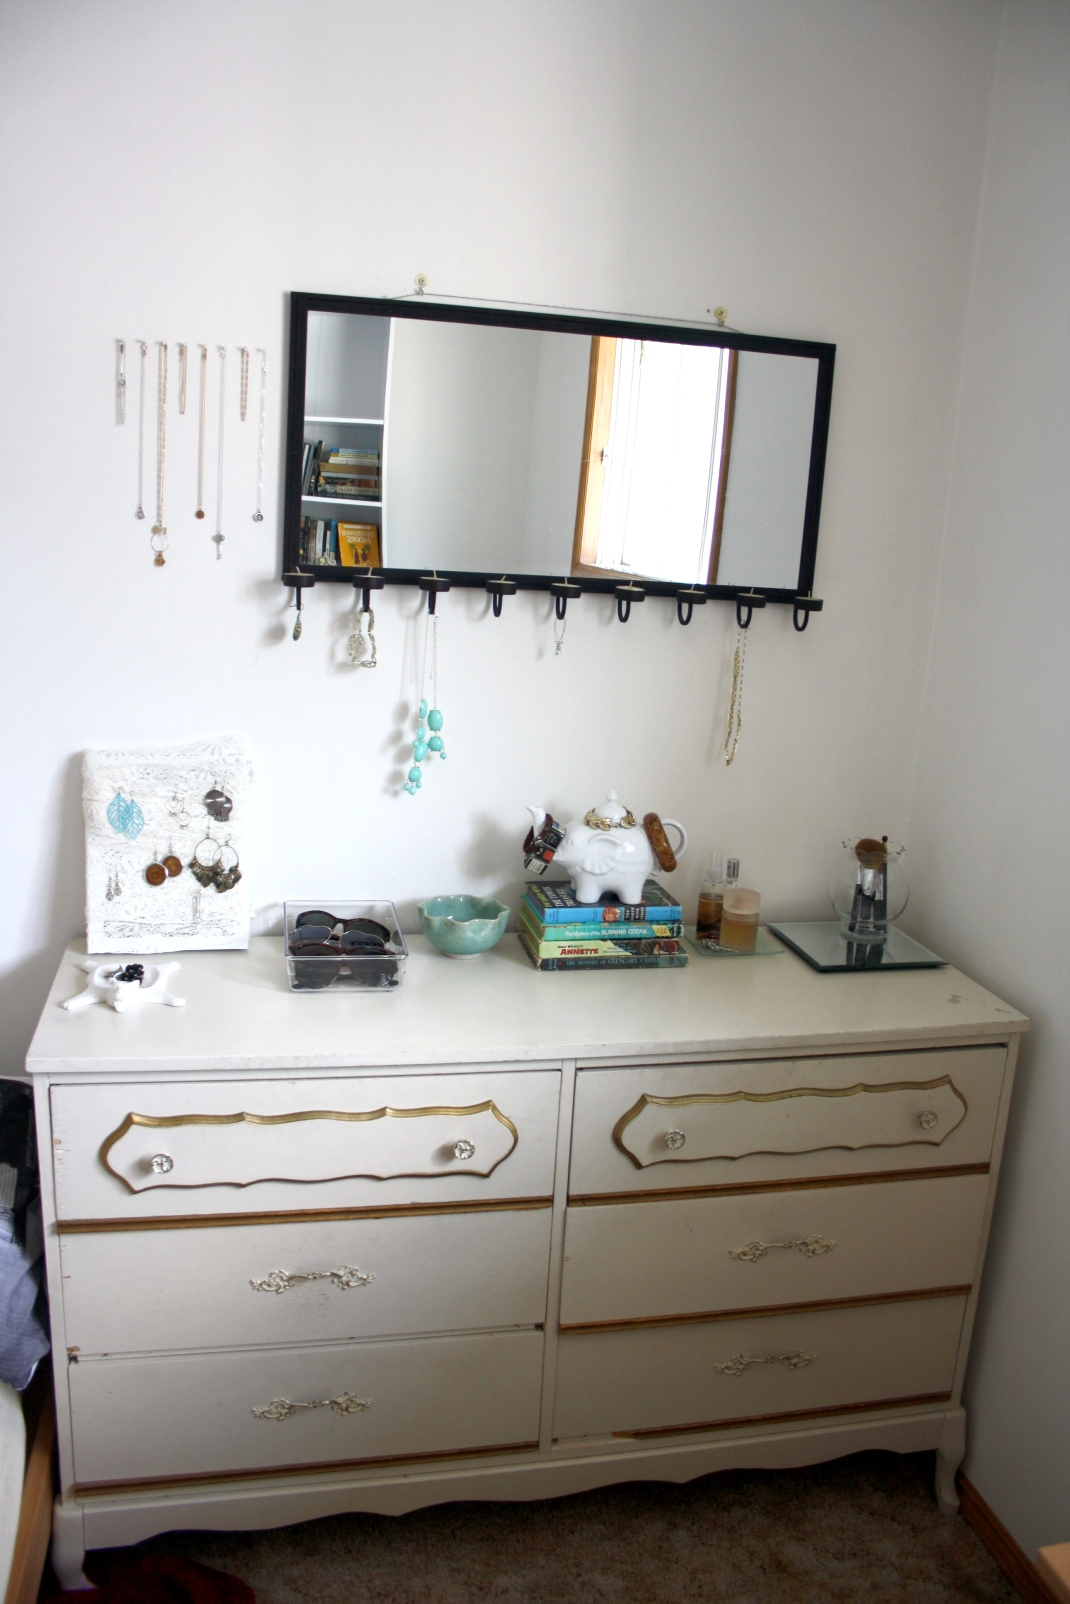 Dresser: After